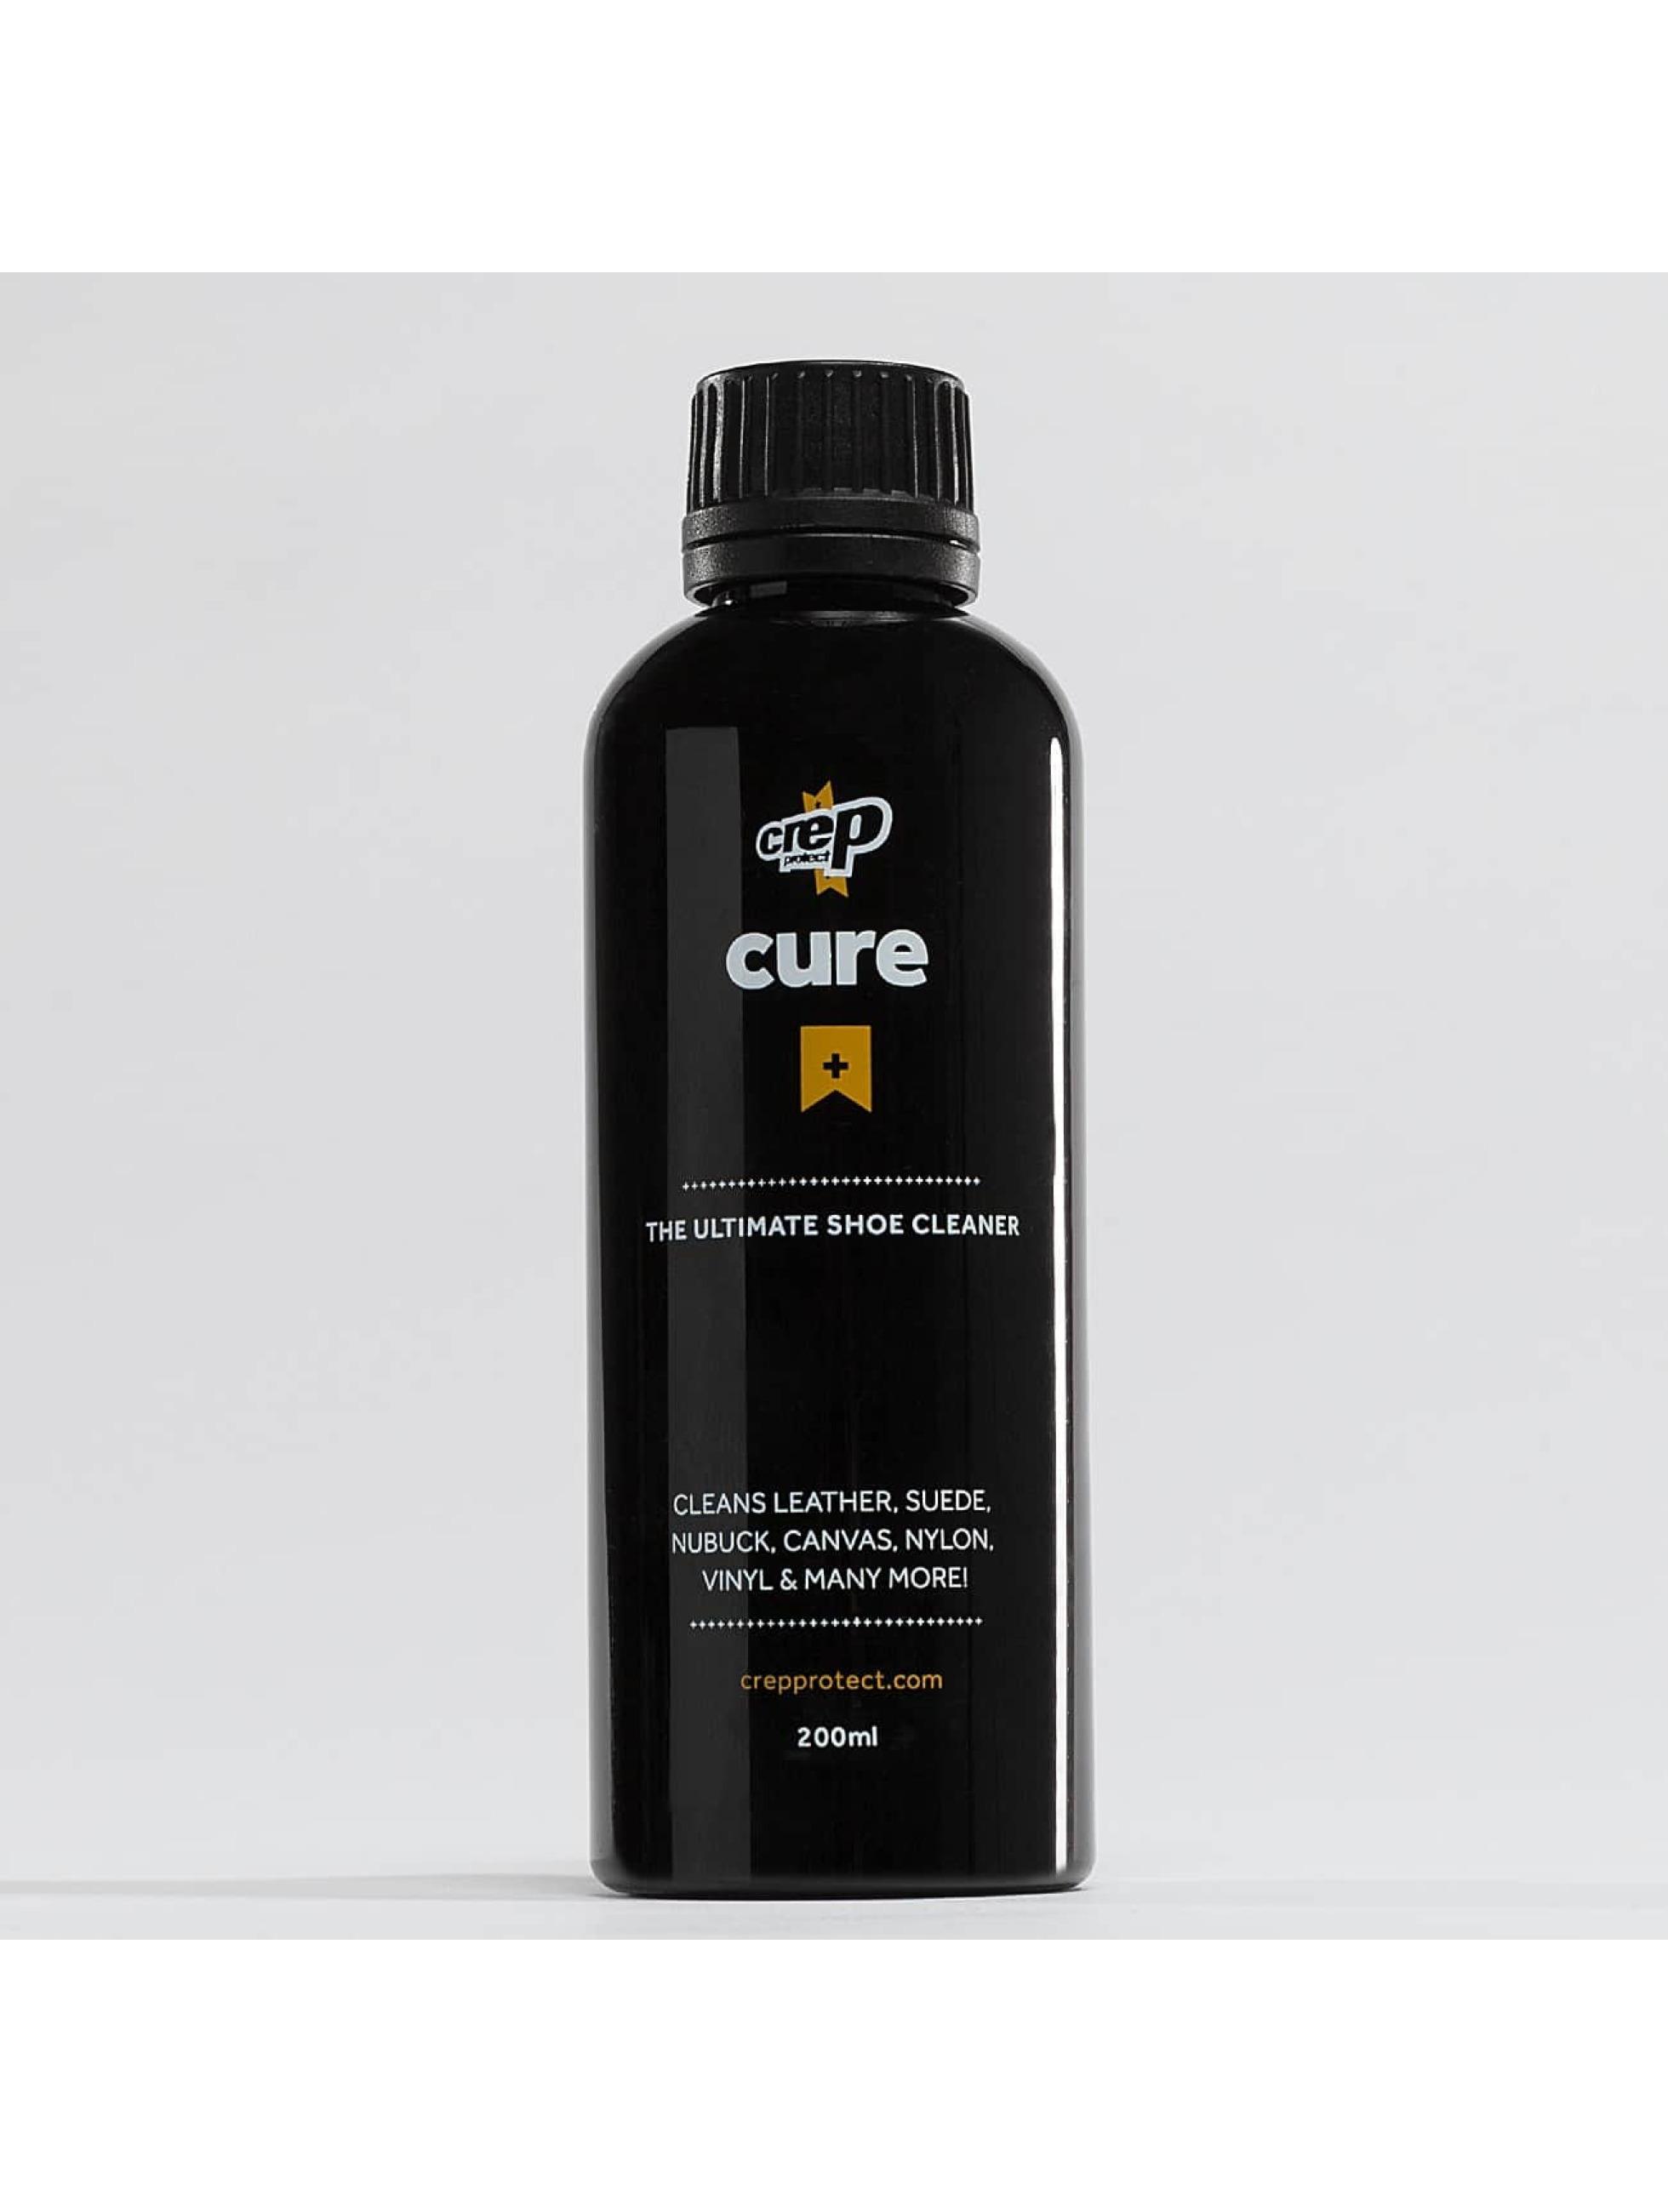 Crep Protect Männer,Frauen,Kinder Sonstige Protect Cure Refill in schwarz